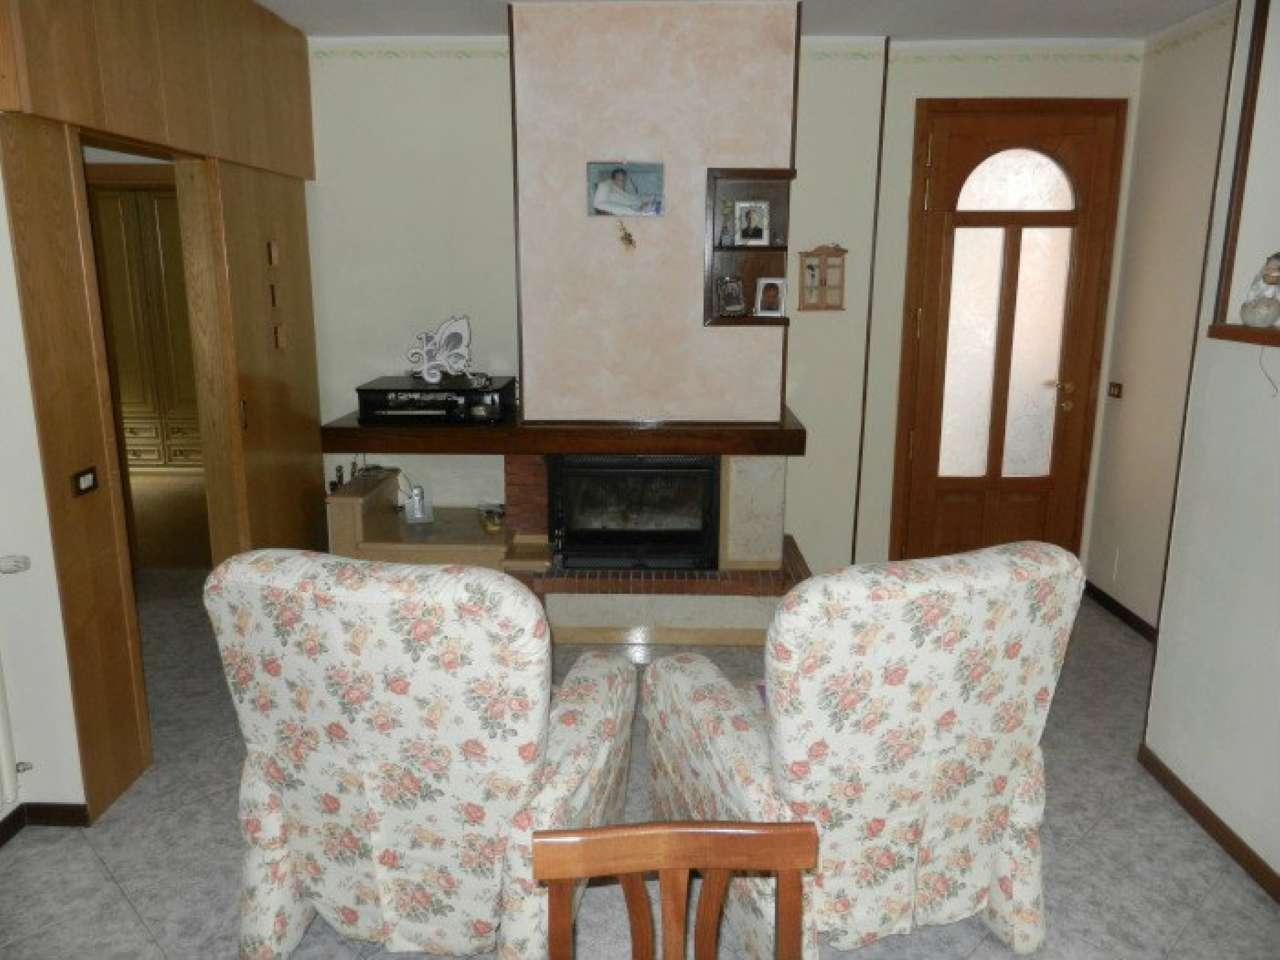 Appartamento in vendita a Vobarno, 4 locali, prezzo € 60.000 | CambioCasa.it